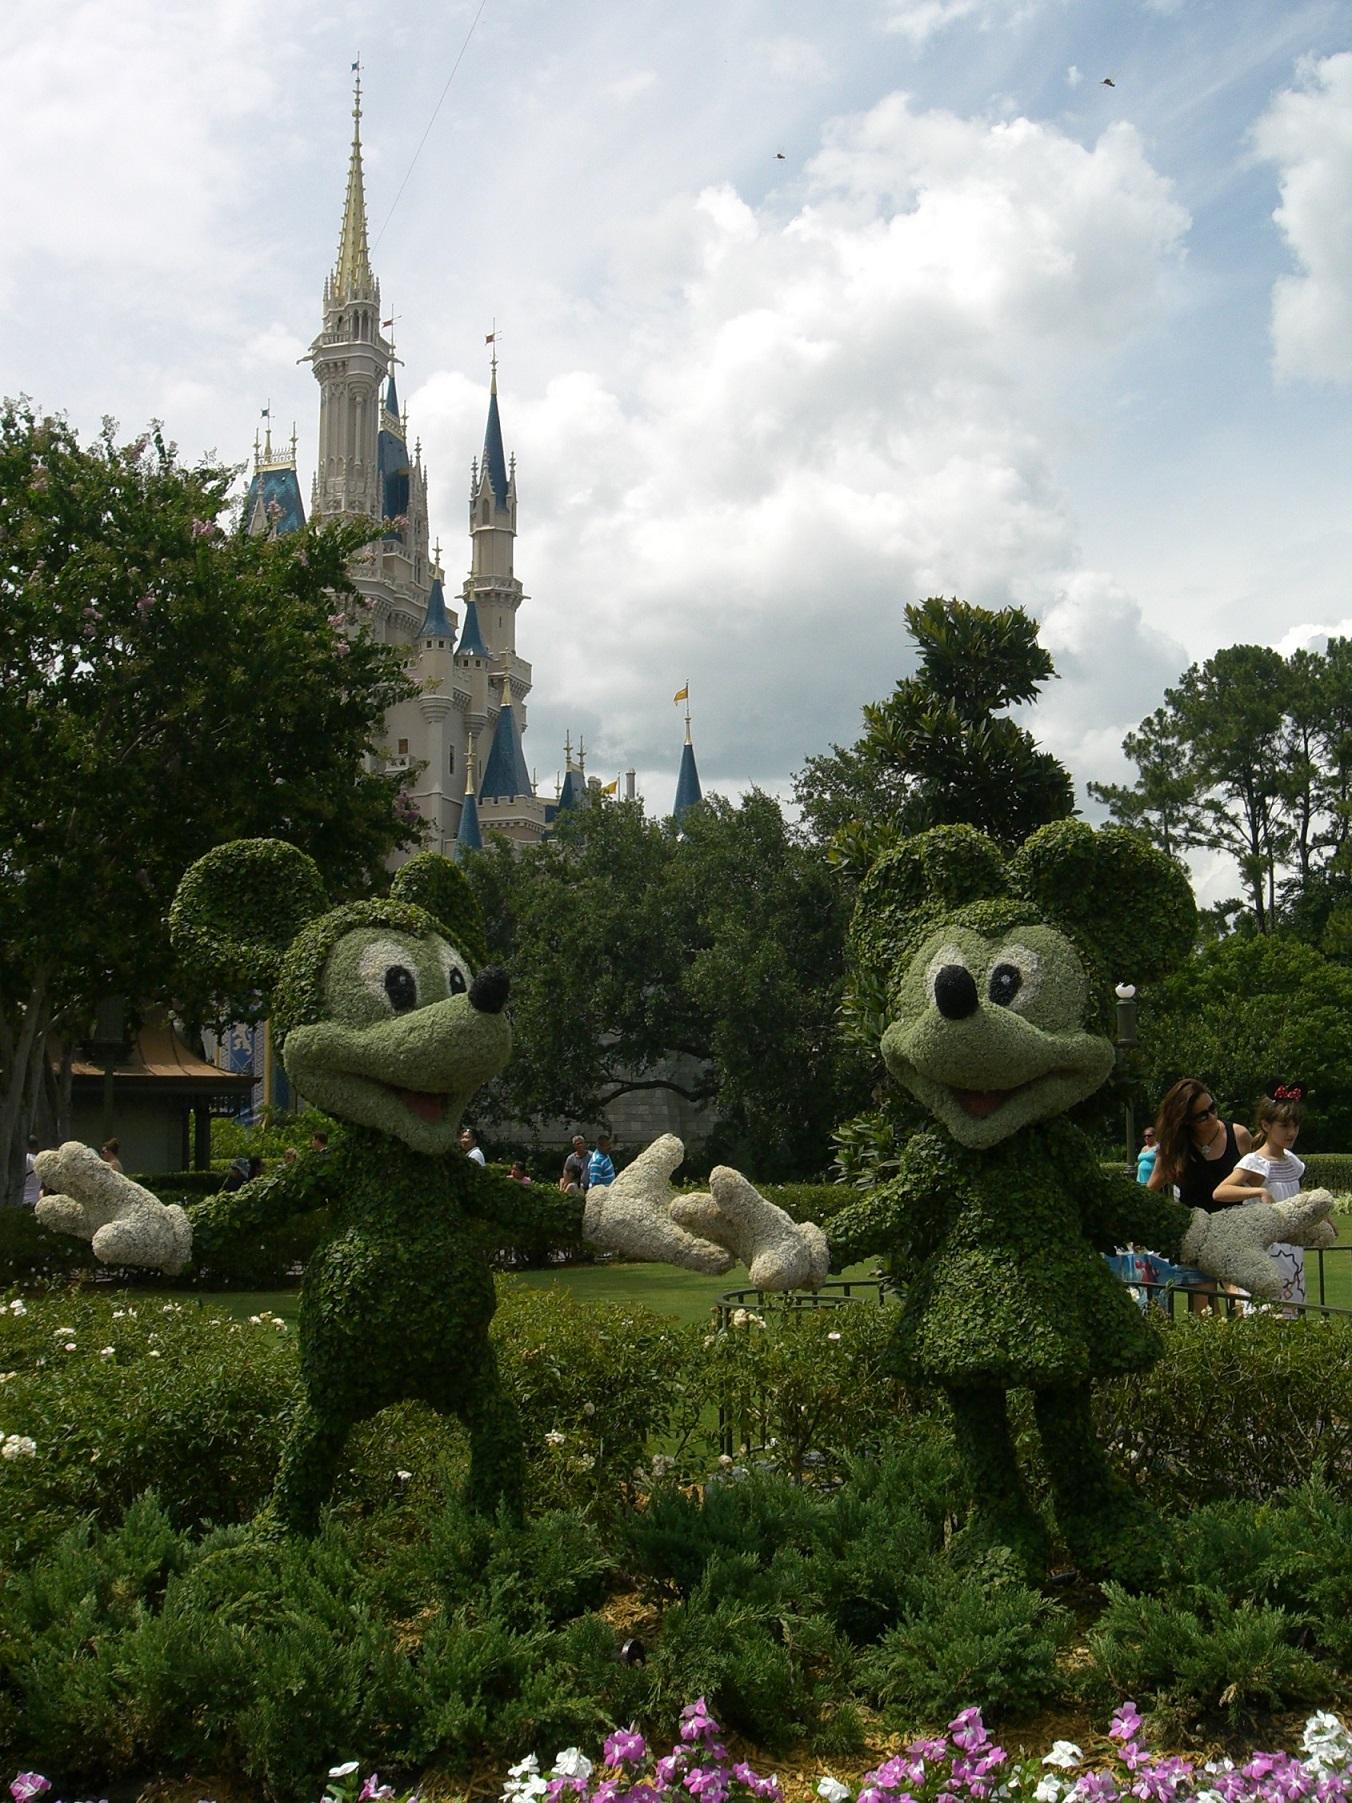 Mein Schiff Ausflugsziel: Mickey und Minnie im Magic Kingdom